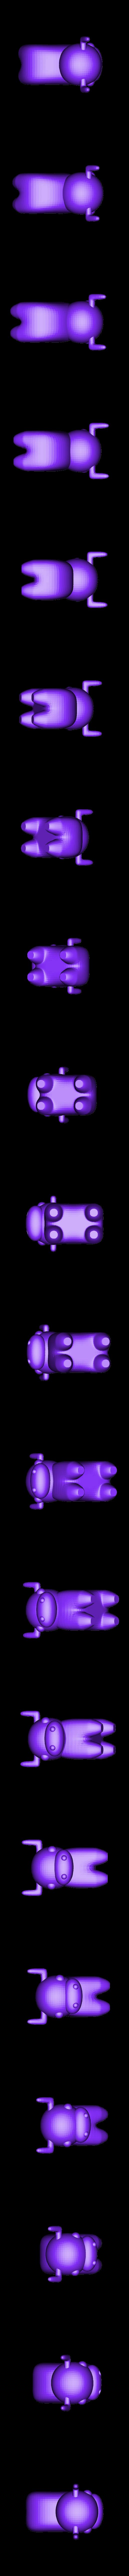 Cow.stl Télécharger fichier STL gratuit Vache • Design à imprimer en 3D, Janis_Bruchwalski